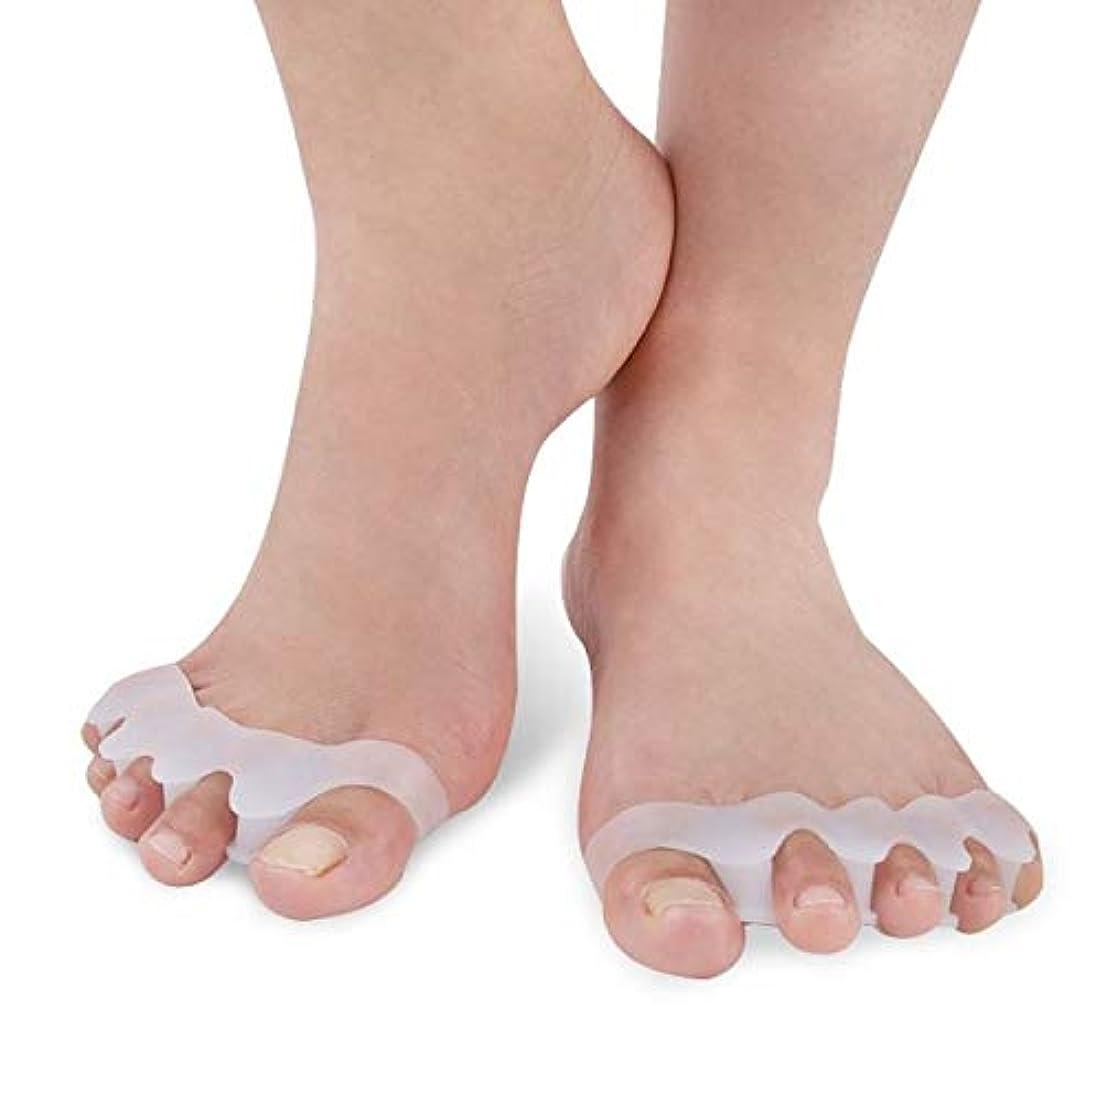 クリエイティブパドル疑問を超えてJMARS (ジェイマーズ) 日本人女性用 足指サポーター 柔らかシリコン製 水洗い対応可能品